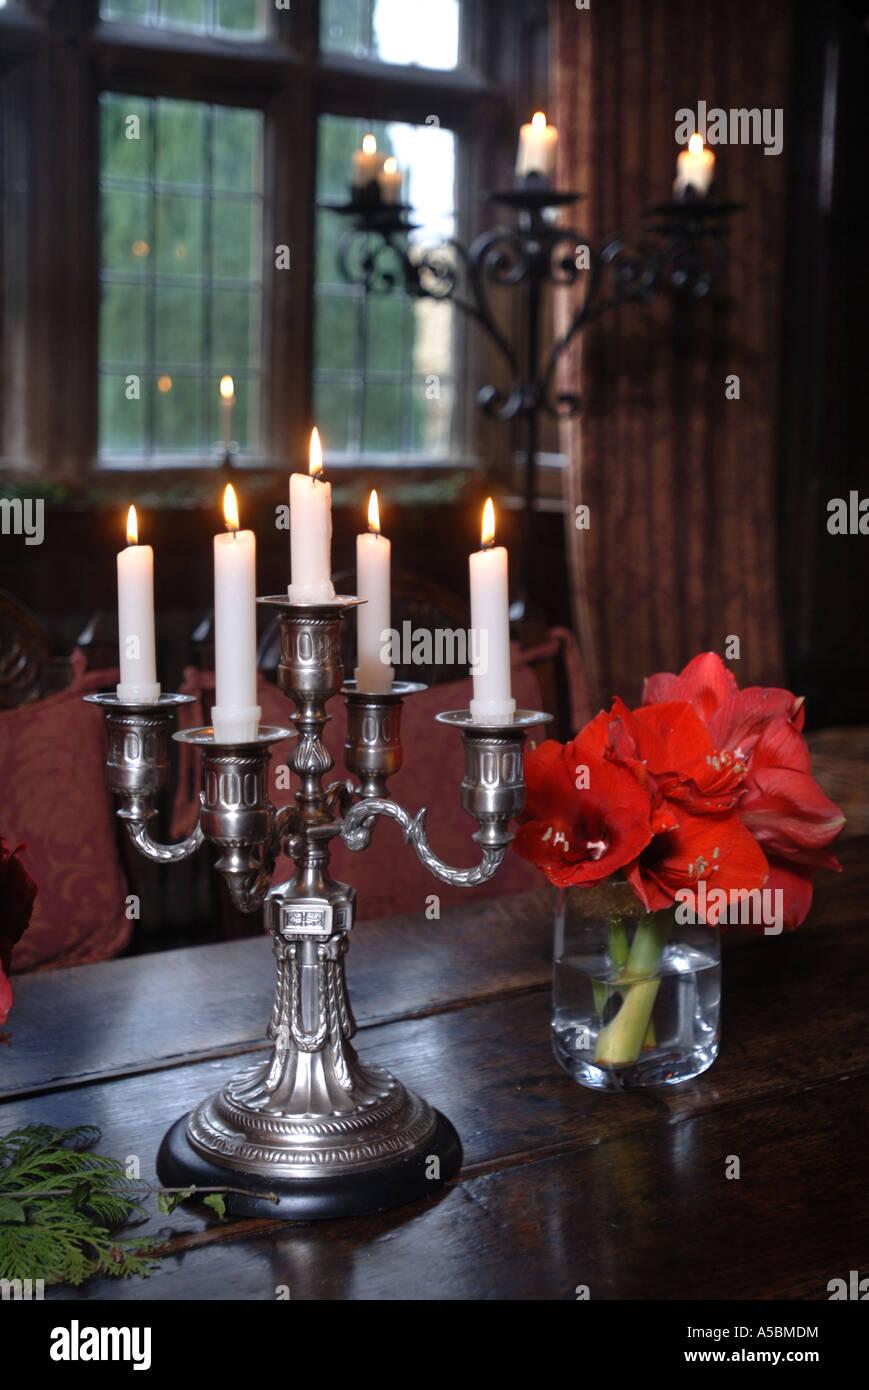 https://c8.alamy.com/compfr/a5bmdm/une-table-de-cinq-branches-candelabre-avec-une-colonne-ou-pied-de-candelabres-dans-larriere-plan-a5bmdm.jpg